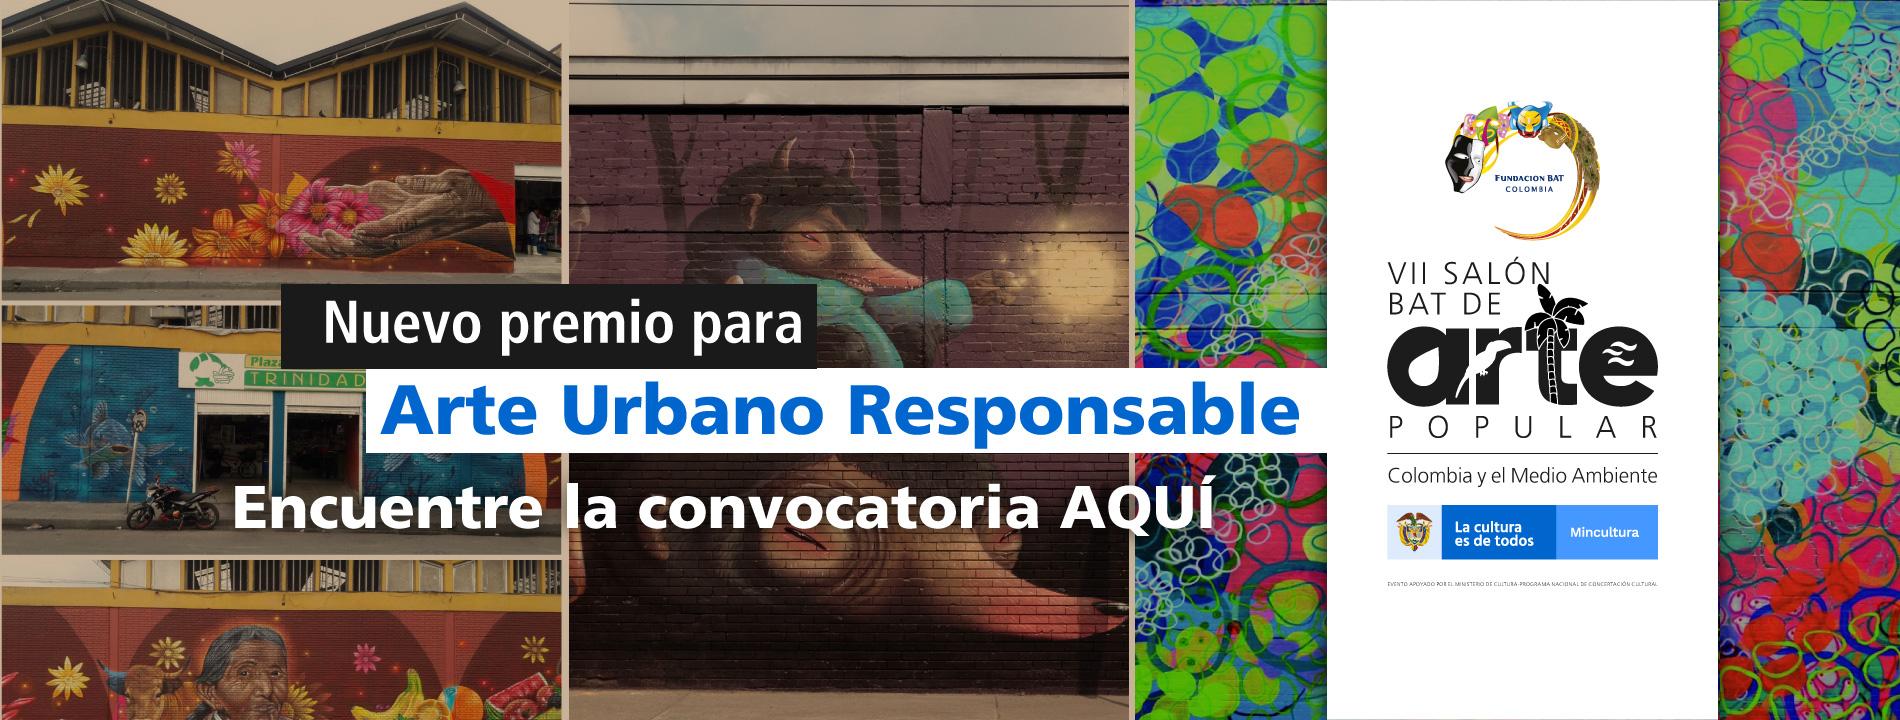 Arte Urbano Responsable